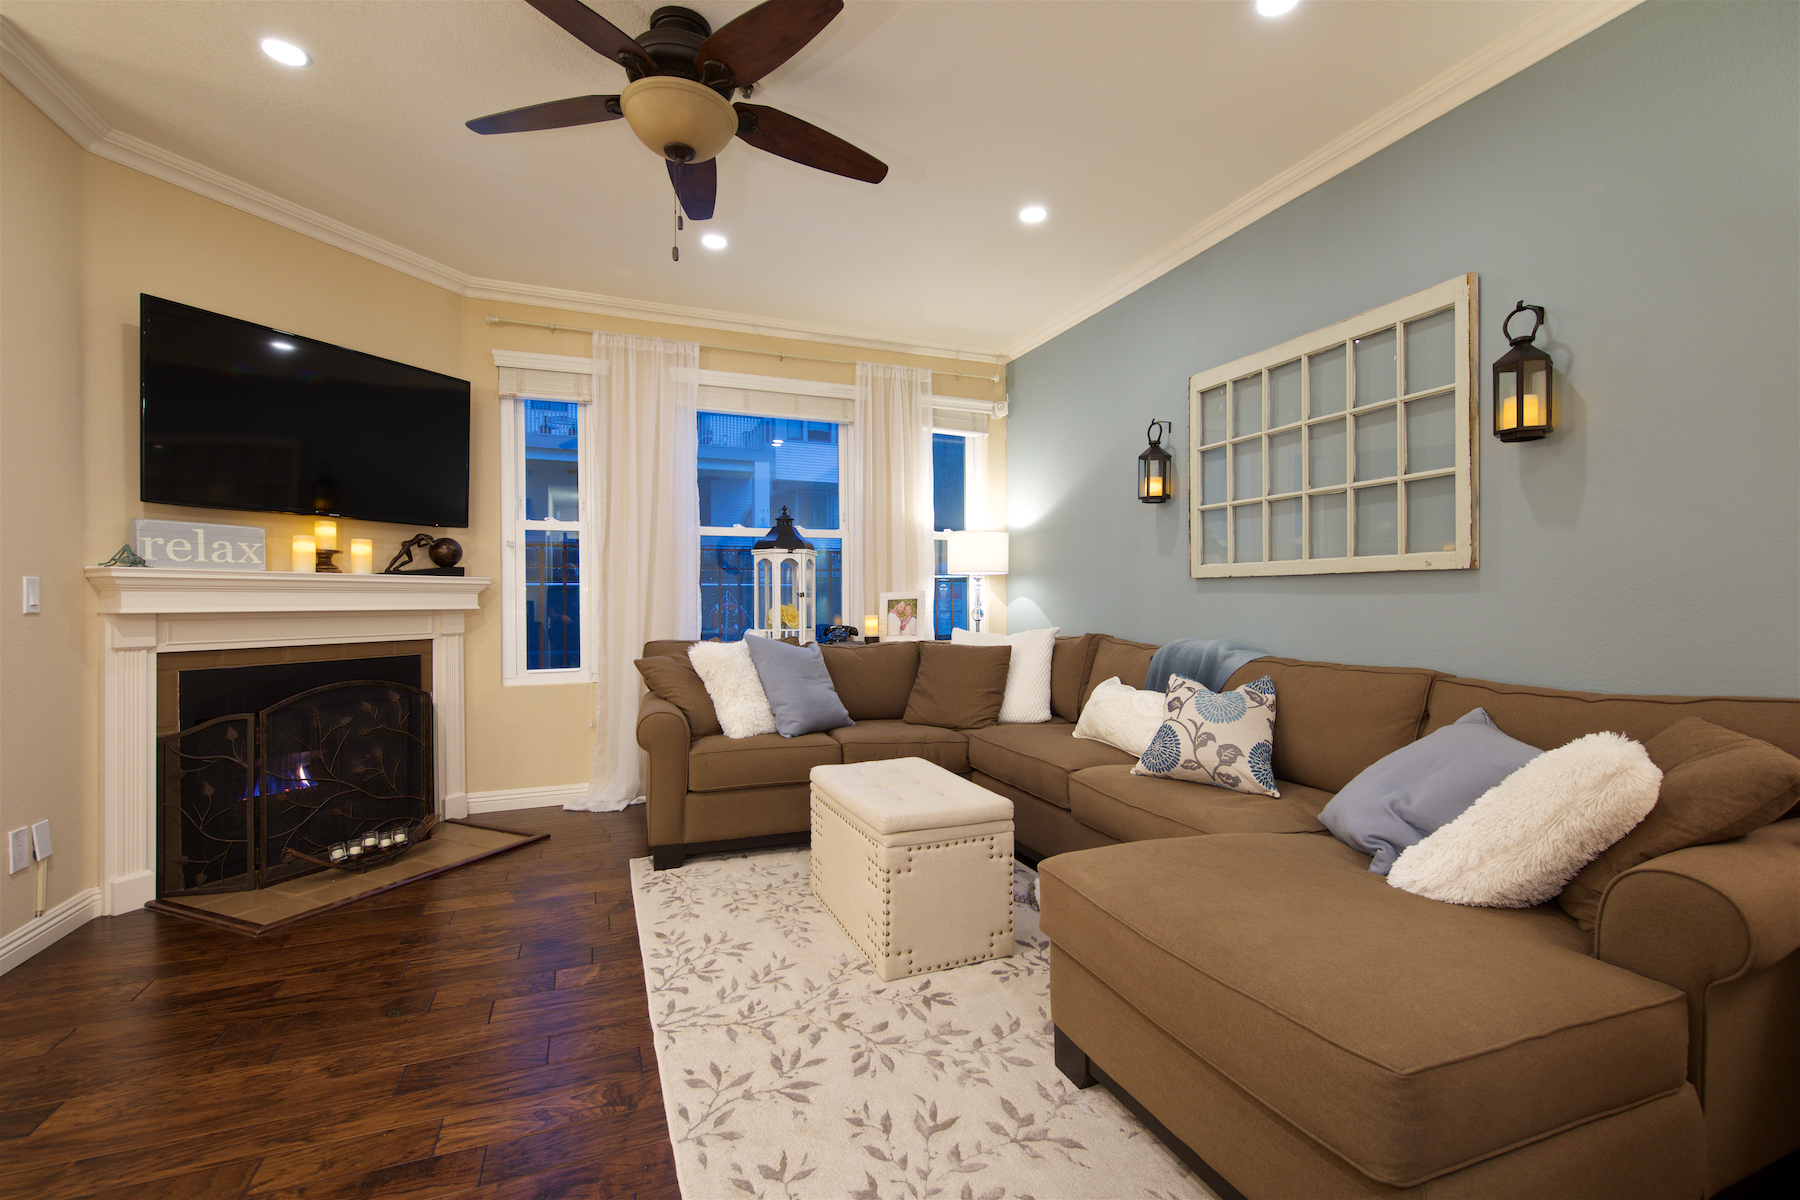 Condomínio para Venda às 2445 Brant Street 204 San Diego, Califórnia, 92101 Estados Unidos